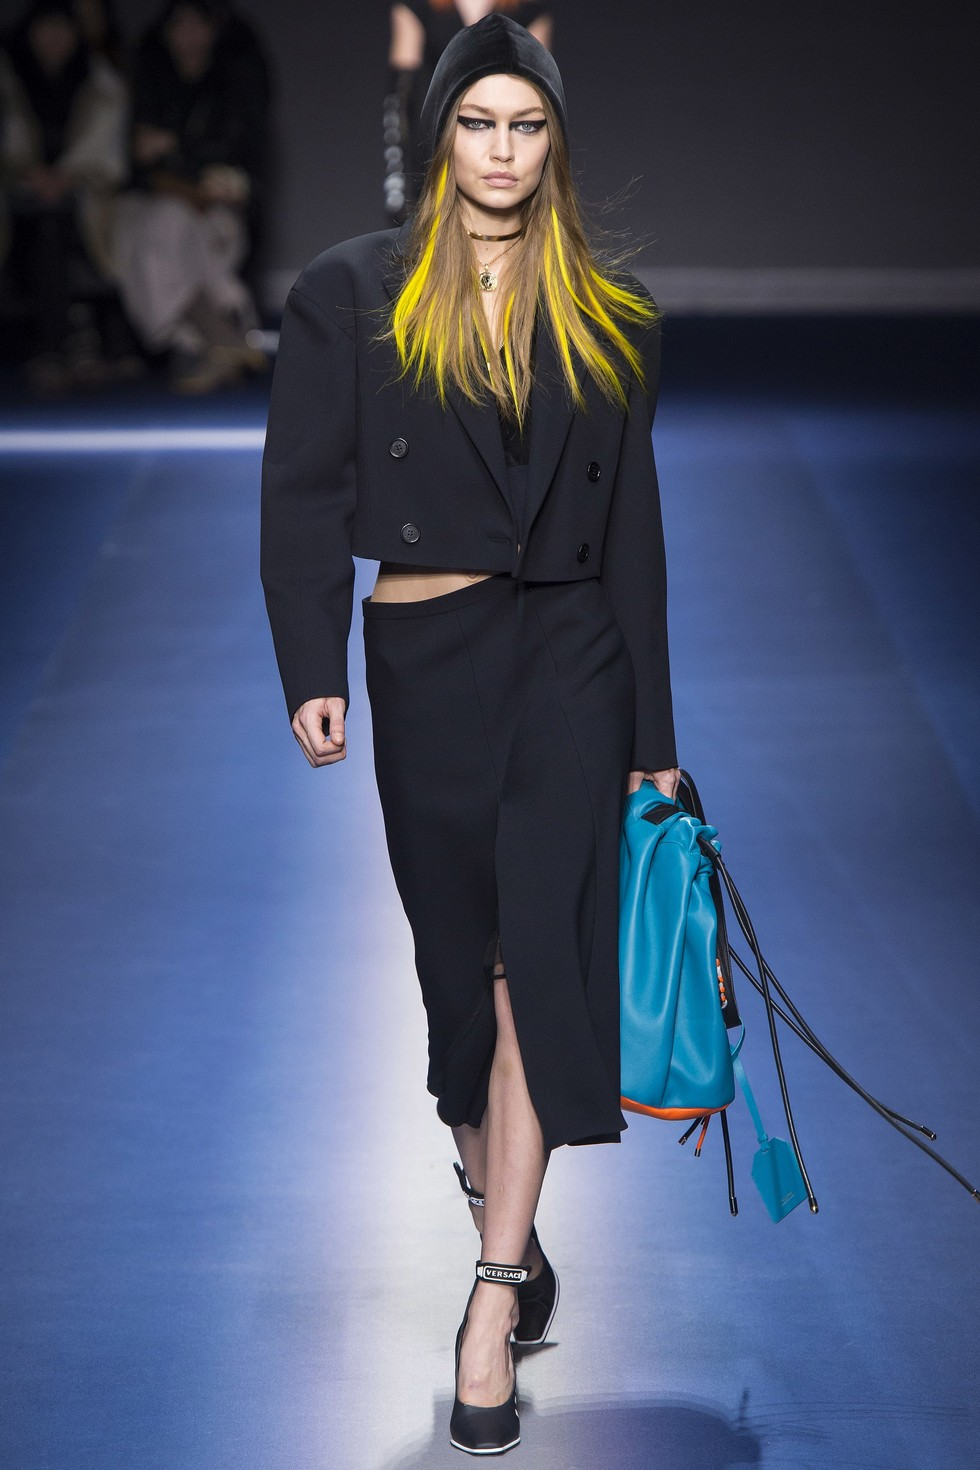 Fashion Week 2017